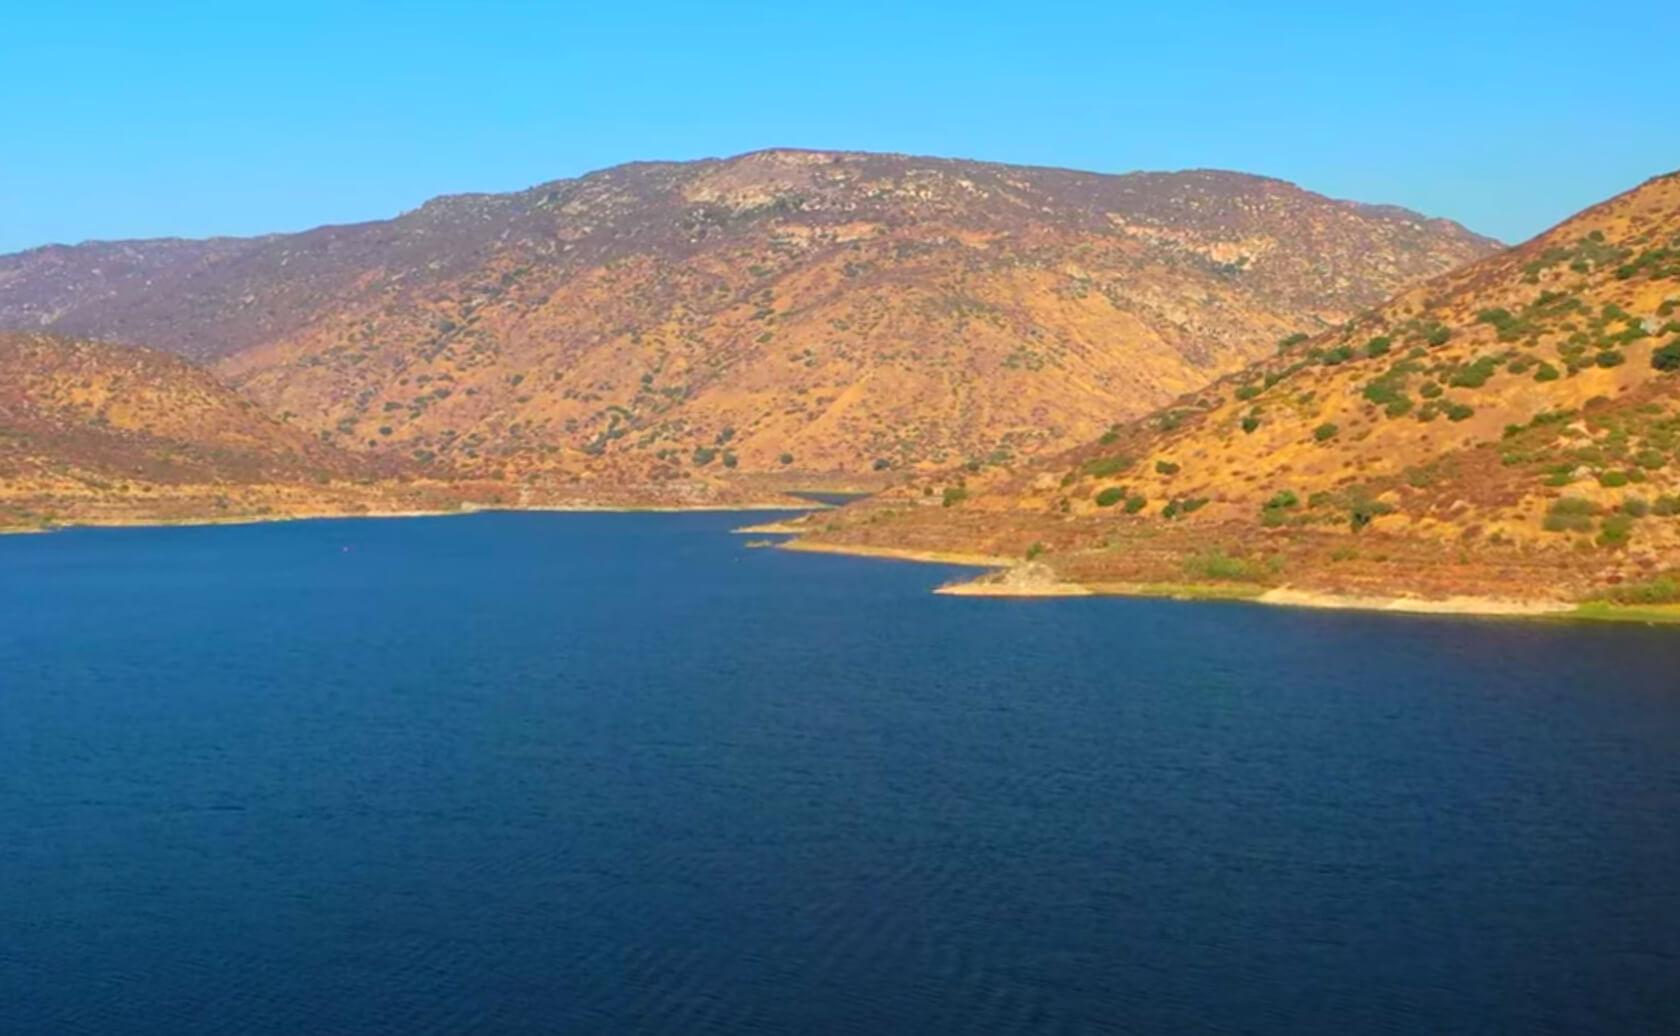 El-Capitan-Reservoir-Lake-Fishing-Guide-Report-California-04